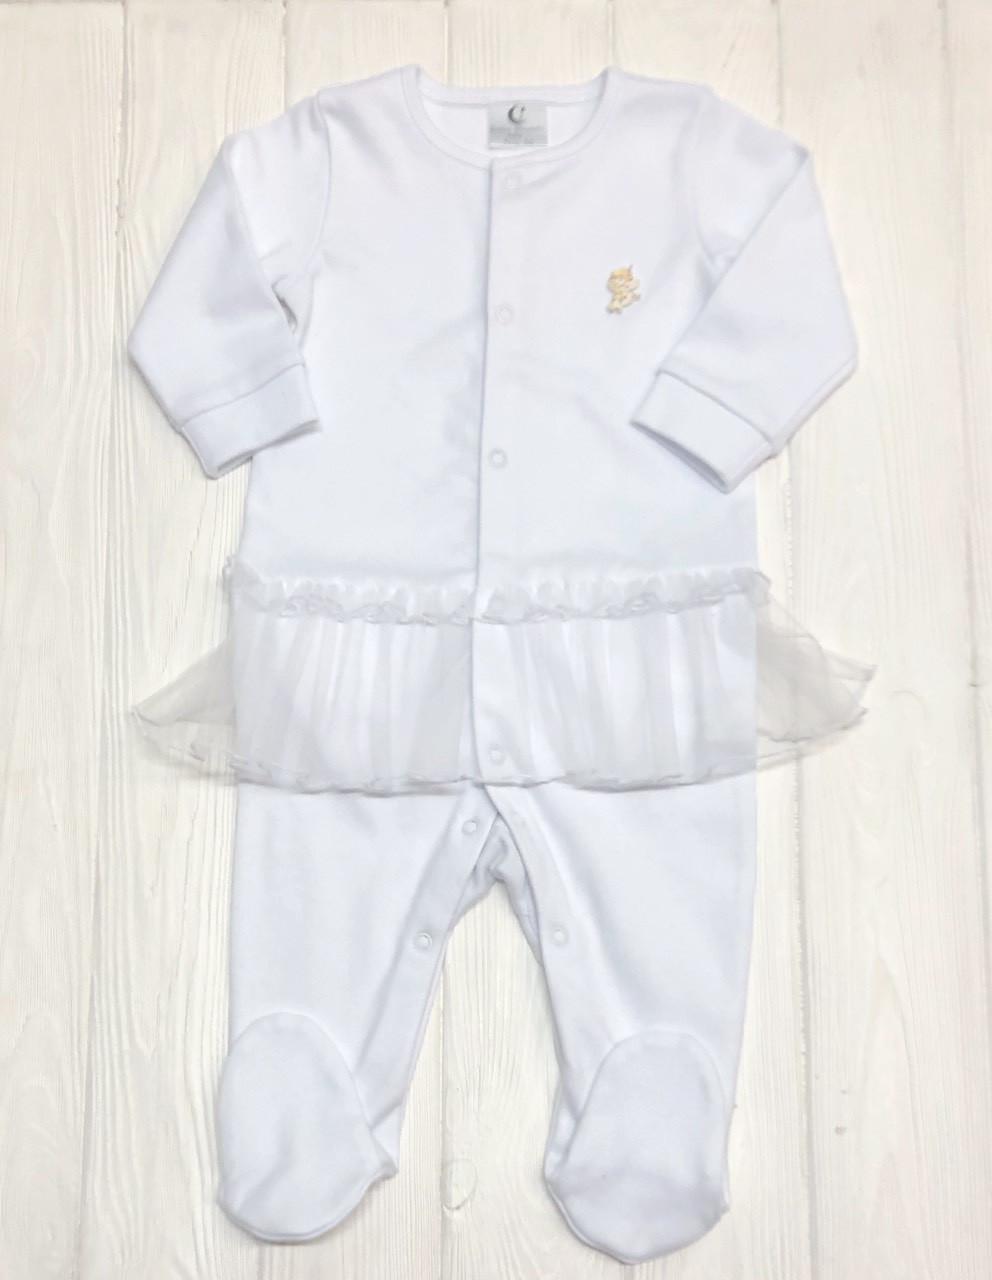 Человечек с юбочкой из евросетки для младенца Белый